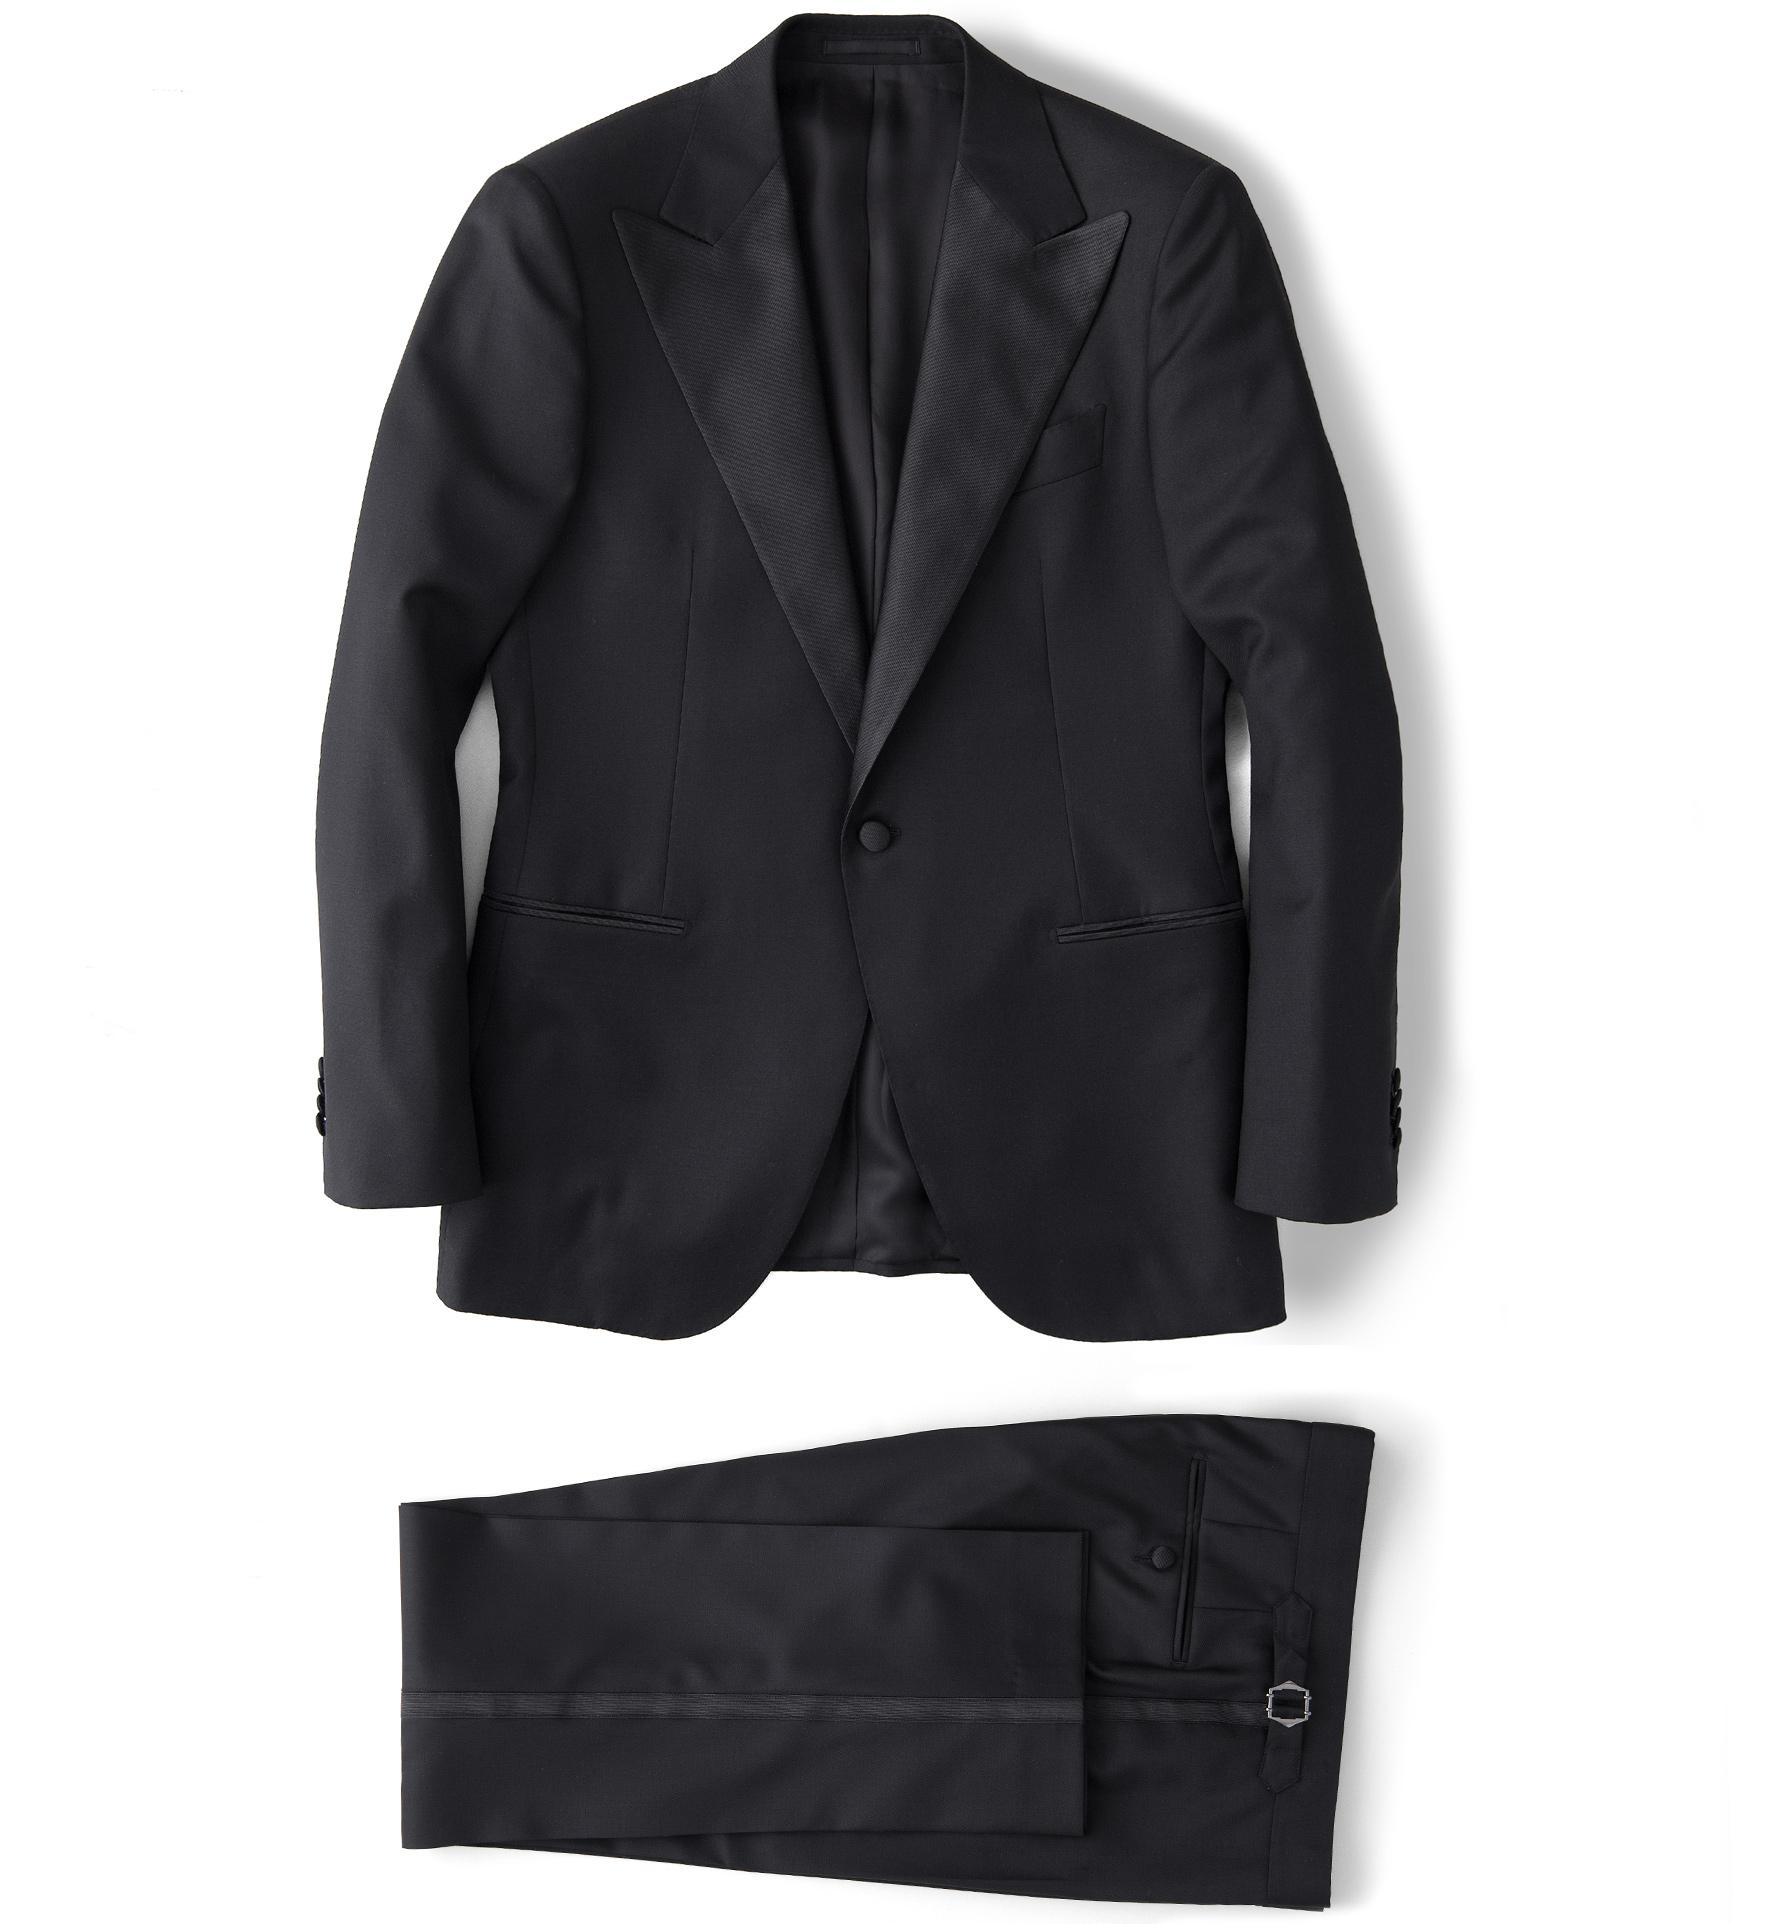 Zoom Image of Madison Black Tuxedo